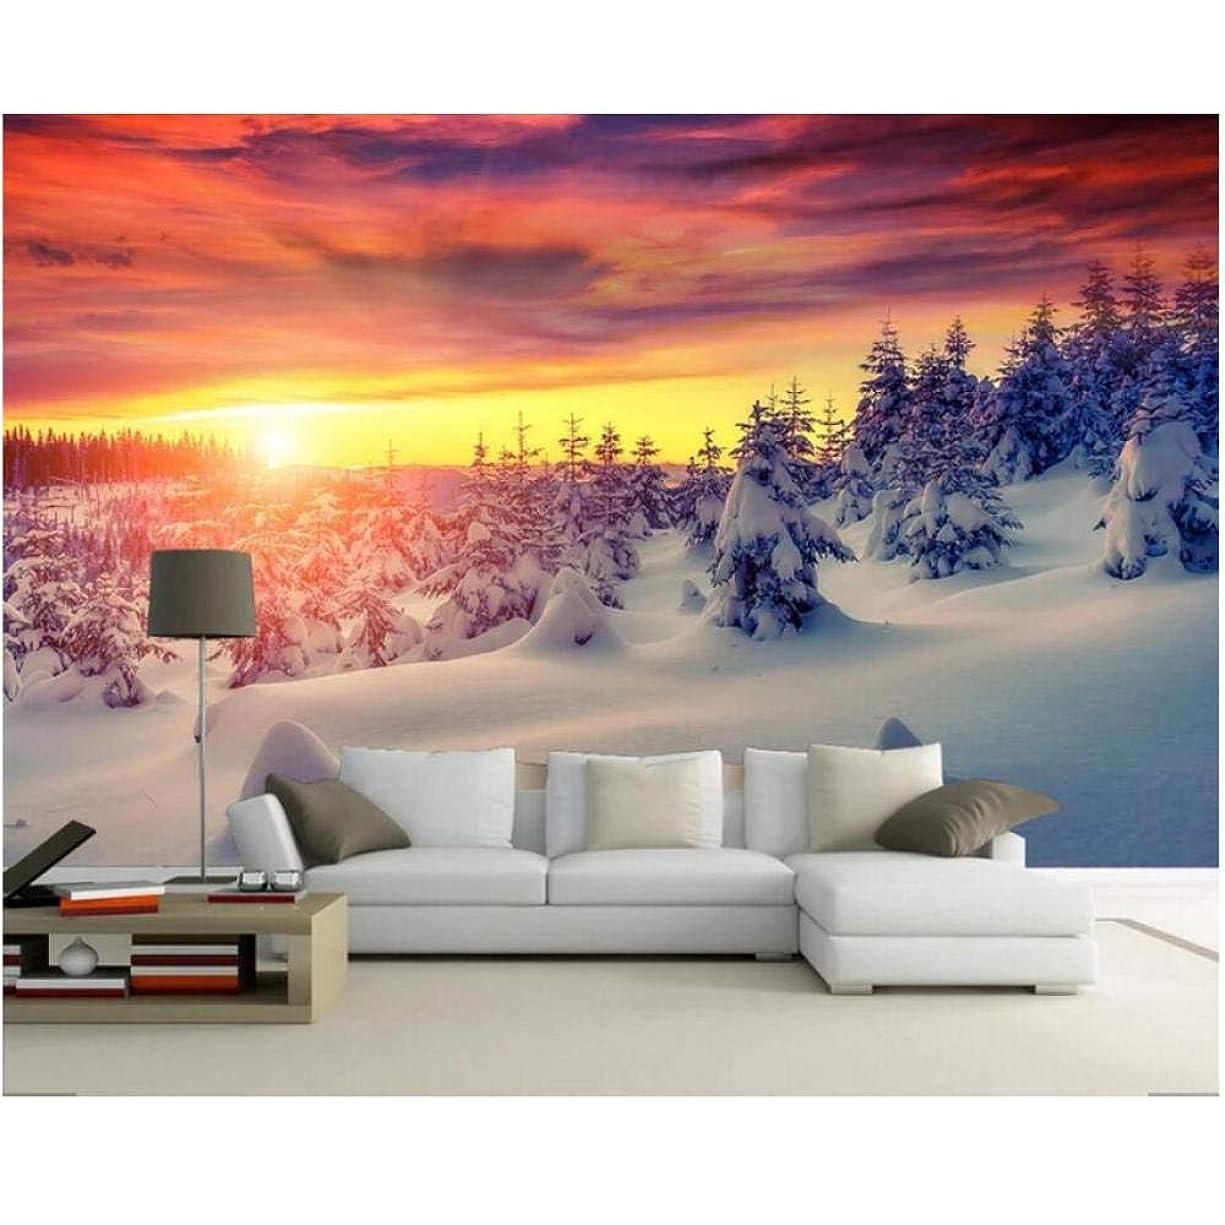 ヘリコプター構造幅Lcymt 壁画の壁紙 カスタム風景壁画太陽輝き雪の森自然風景壁紙寝室リビングルームソファ背景壁の装飾-150X120Cm